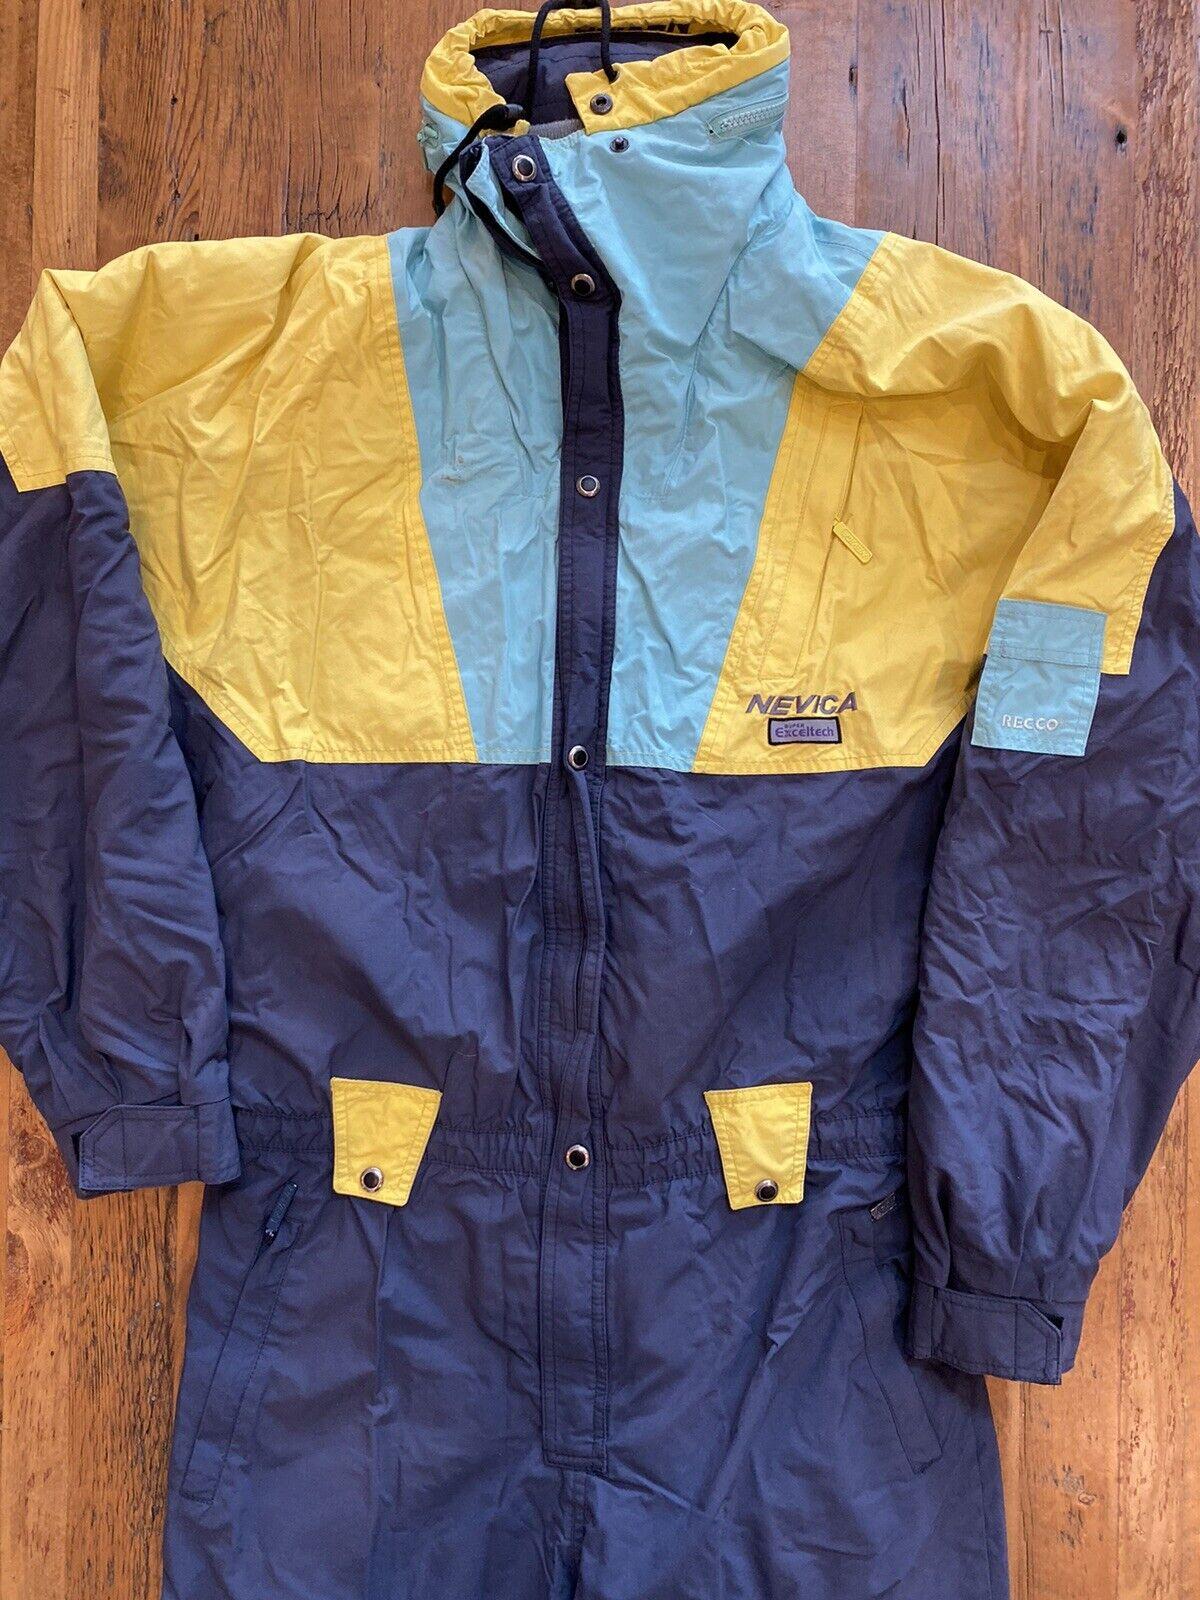 Vintage 80s 90s NEVICA Mens XL 44 SKI SUIT One piece Snow Bib Snowsuit Recco